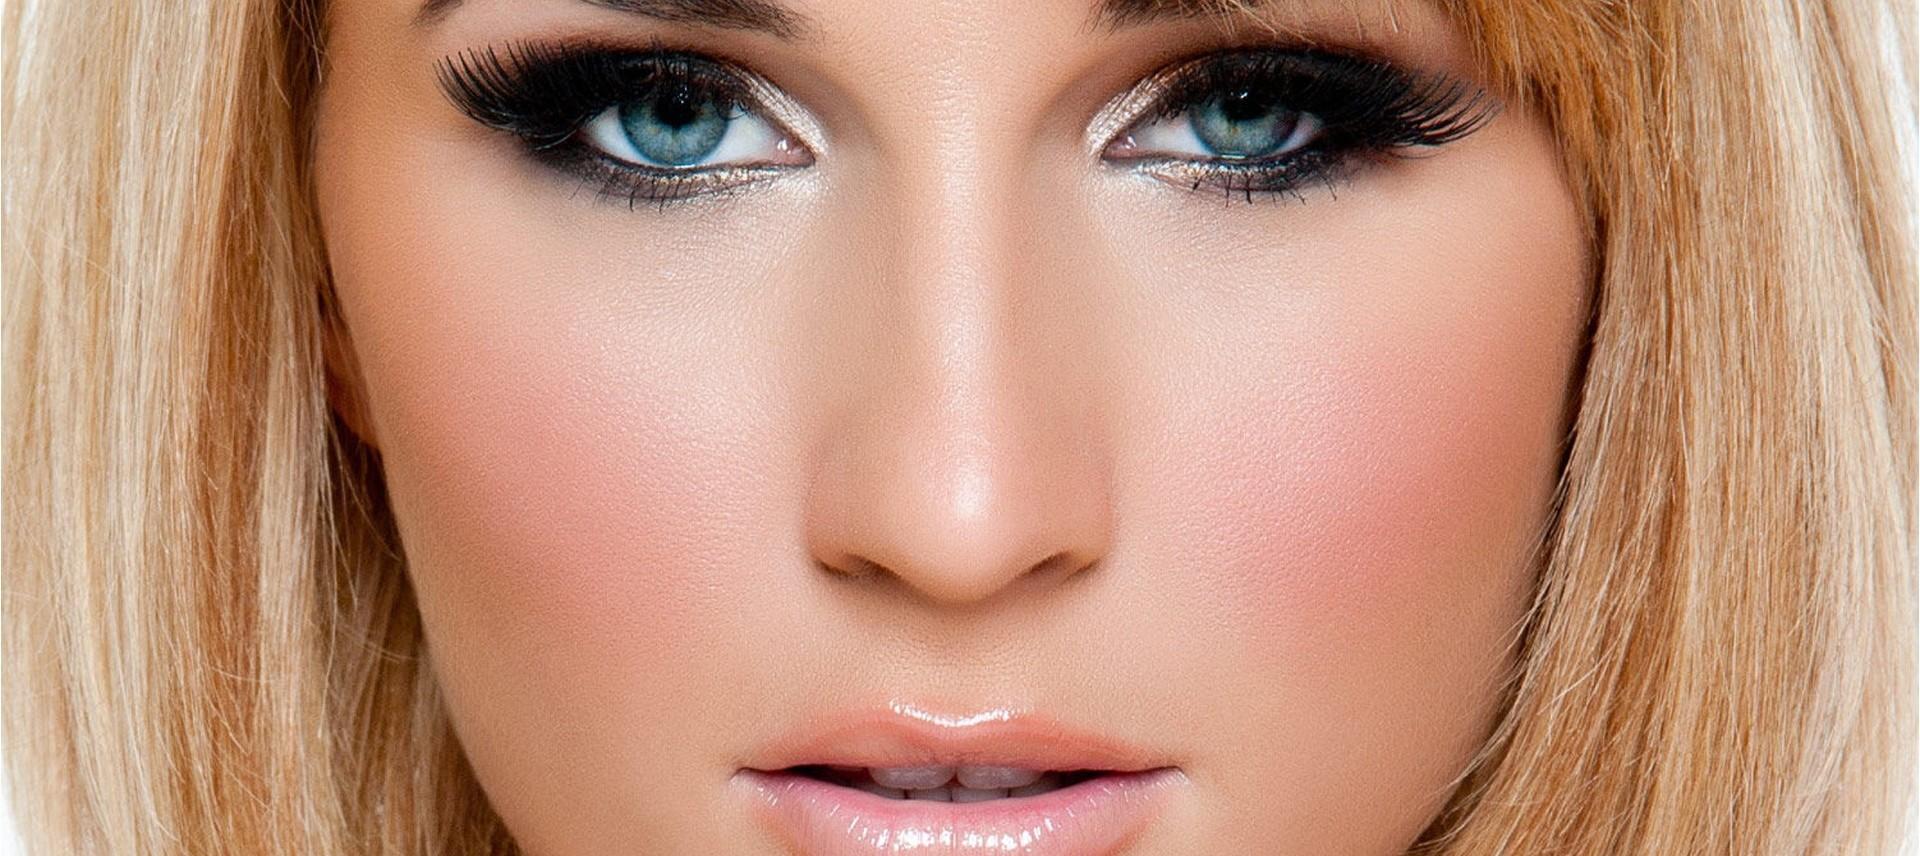 اجمل ألوان المكياج للعيون الزرقاء